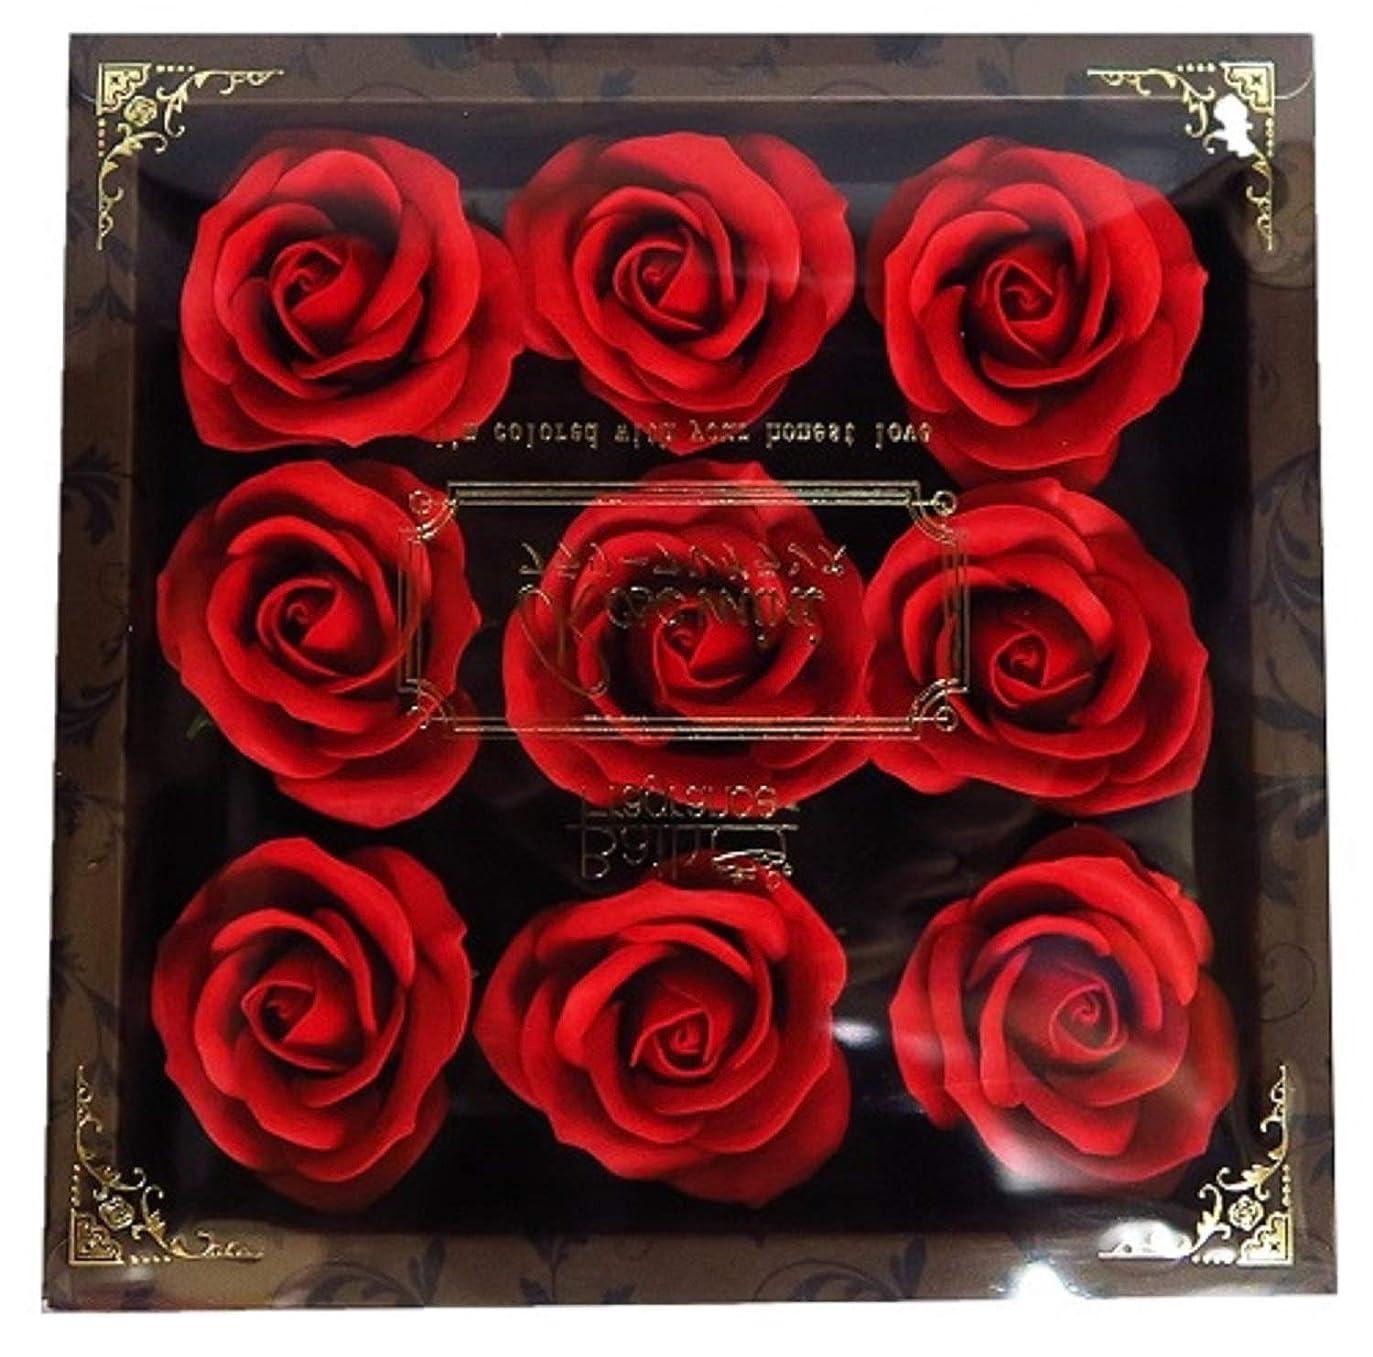 鎮痛剤拷問アコードバスフレグランス フラワーフレグランス ミニローズフレグランス(L)レッド ギフト お花の形の入浴剤 プレゼント ばら